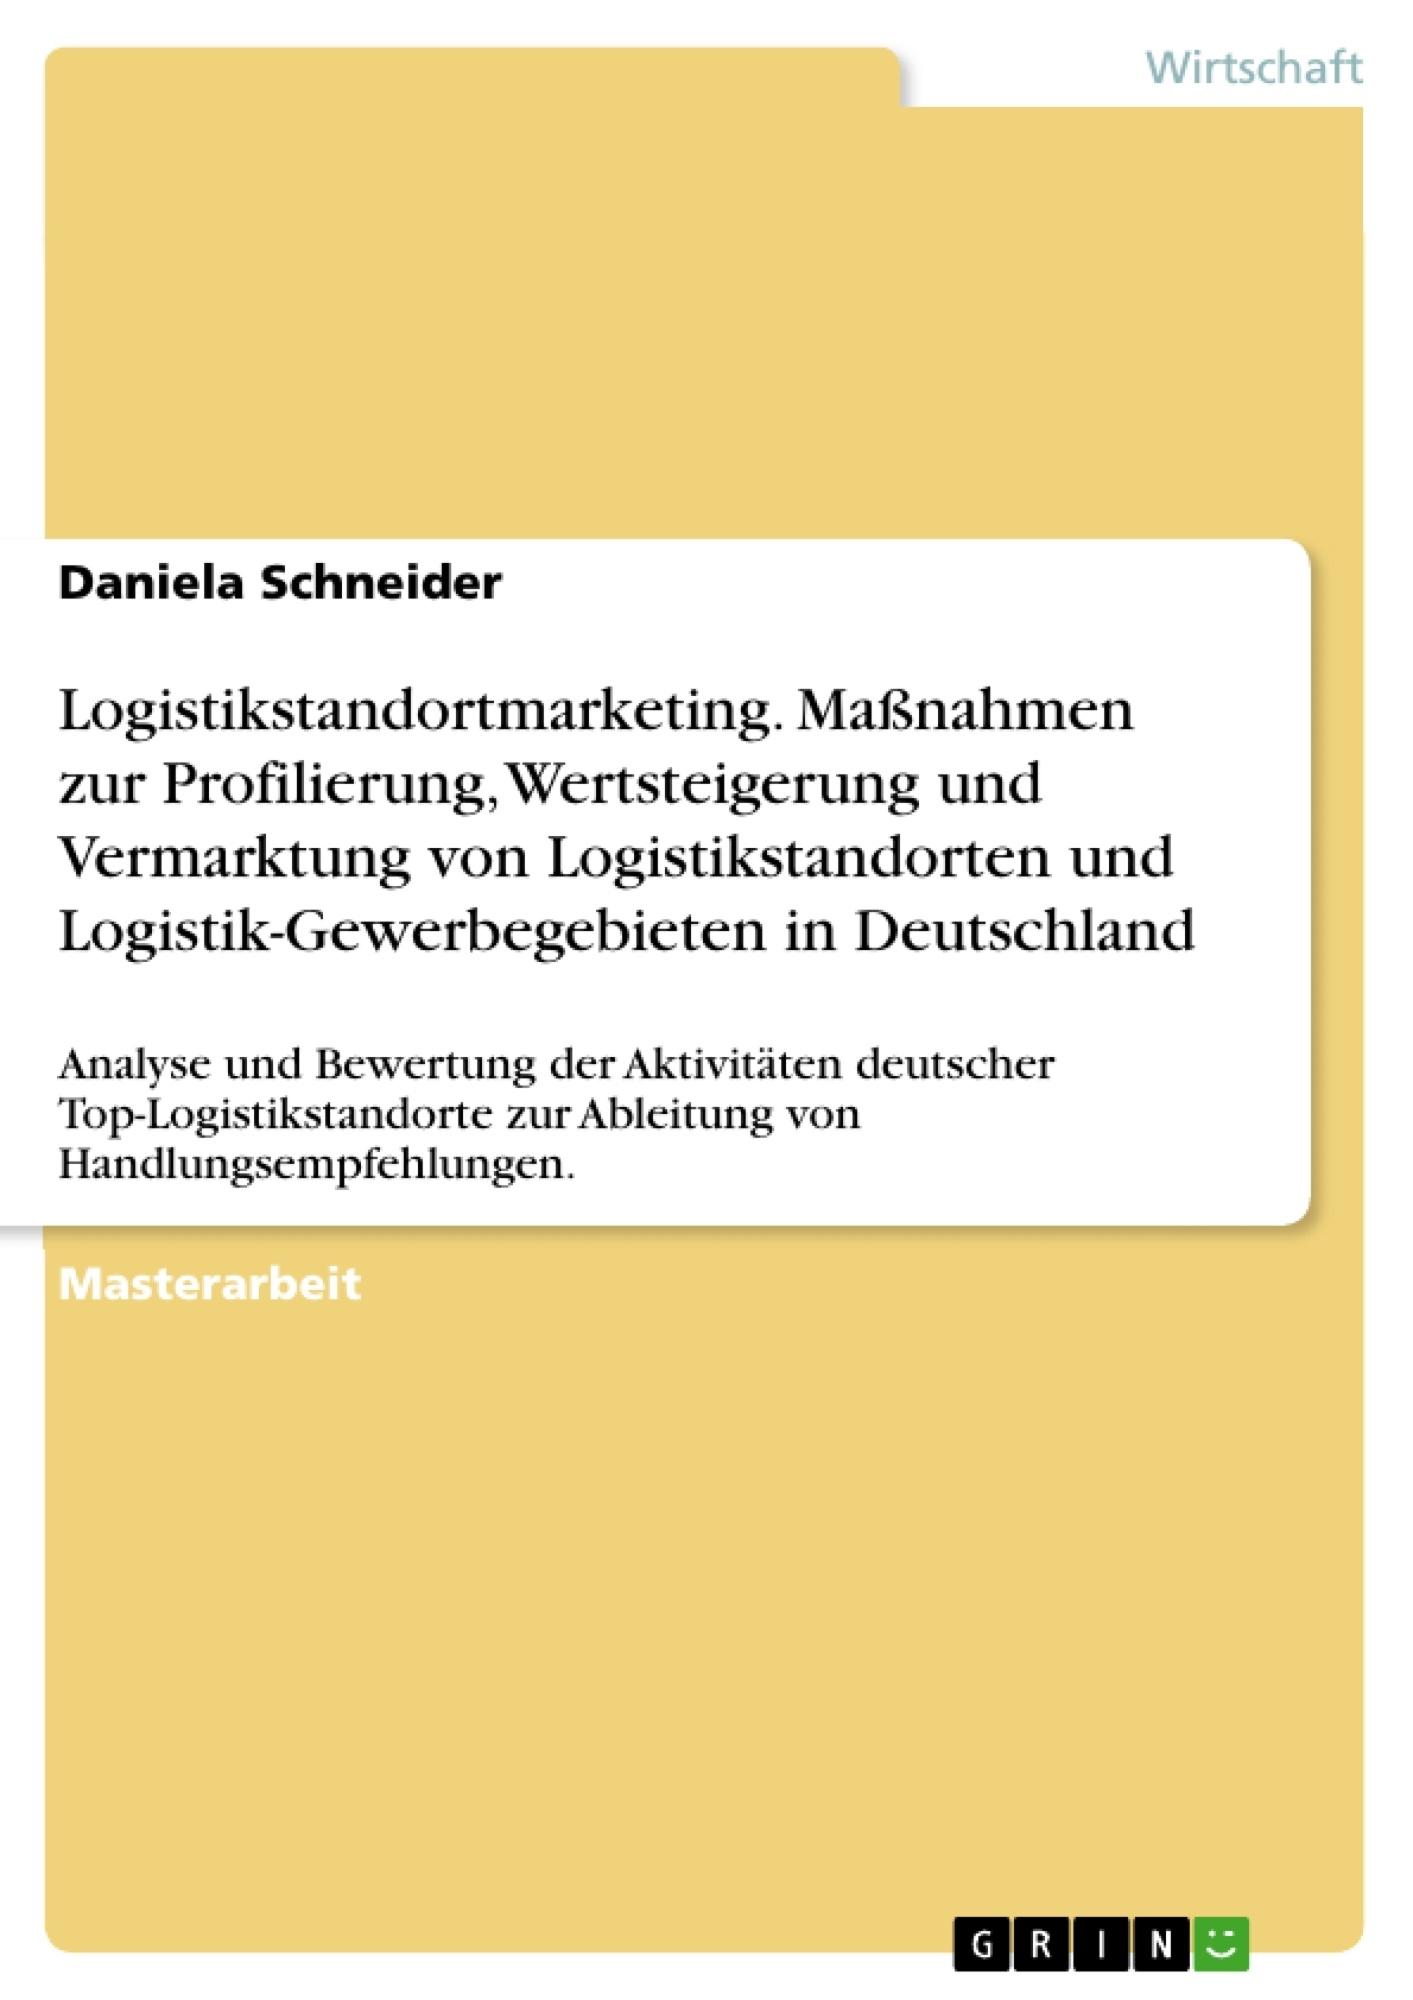 Titel: Logistikstandortmarketing. Maßnahmen zur Profilierung, Wertsteigerung und Vermarktung von Logistikstandorten und Logistik-Gewerbegebieten in Deutschland